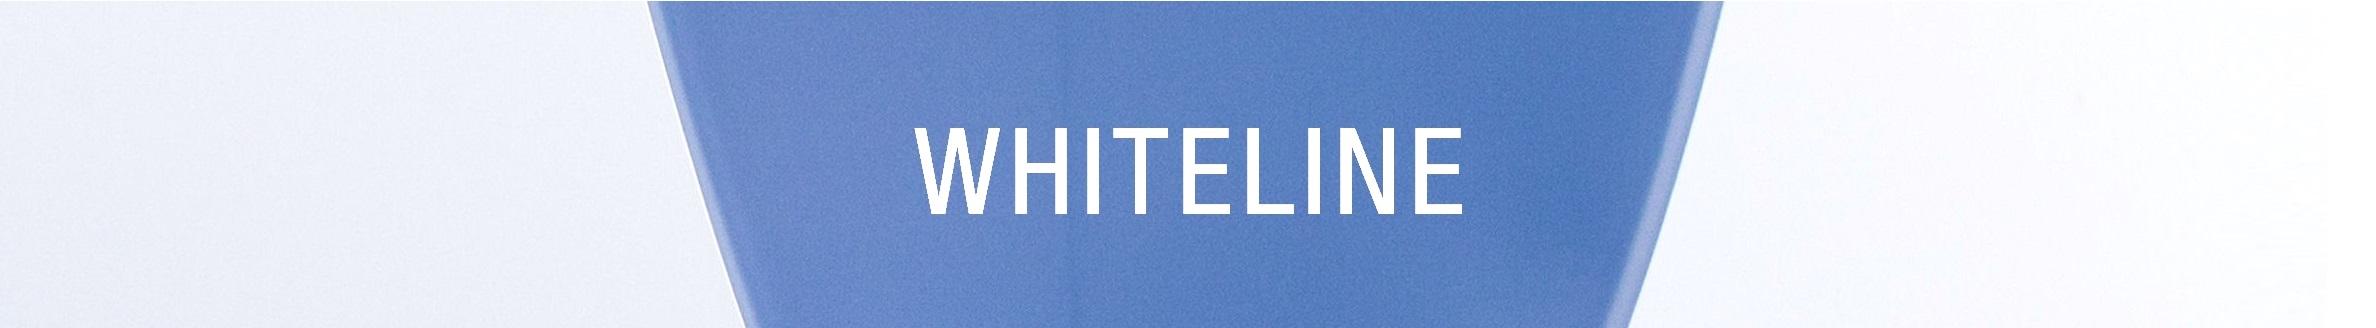 Whiteline_Banner_V2.jpg